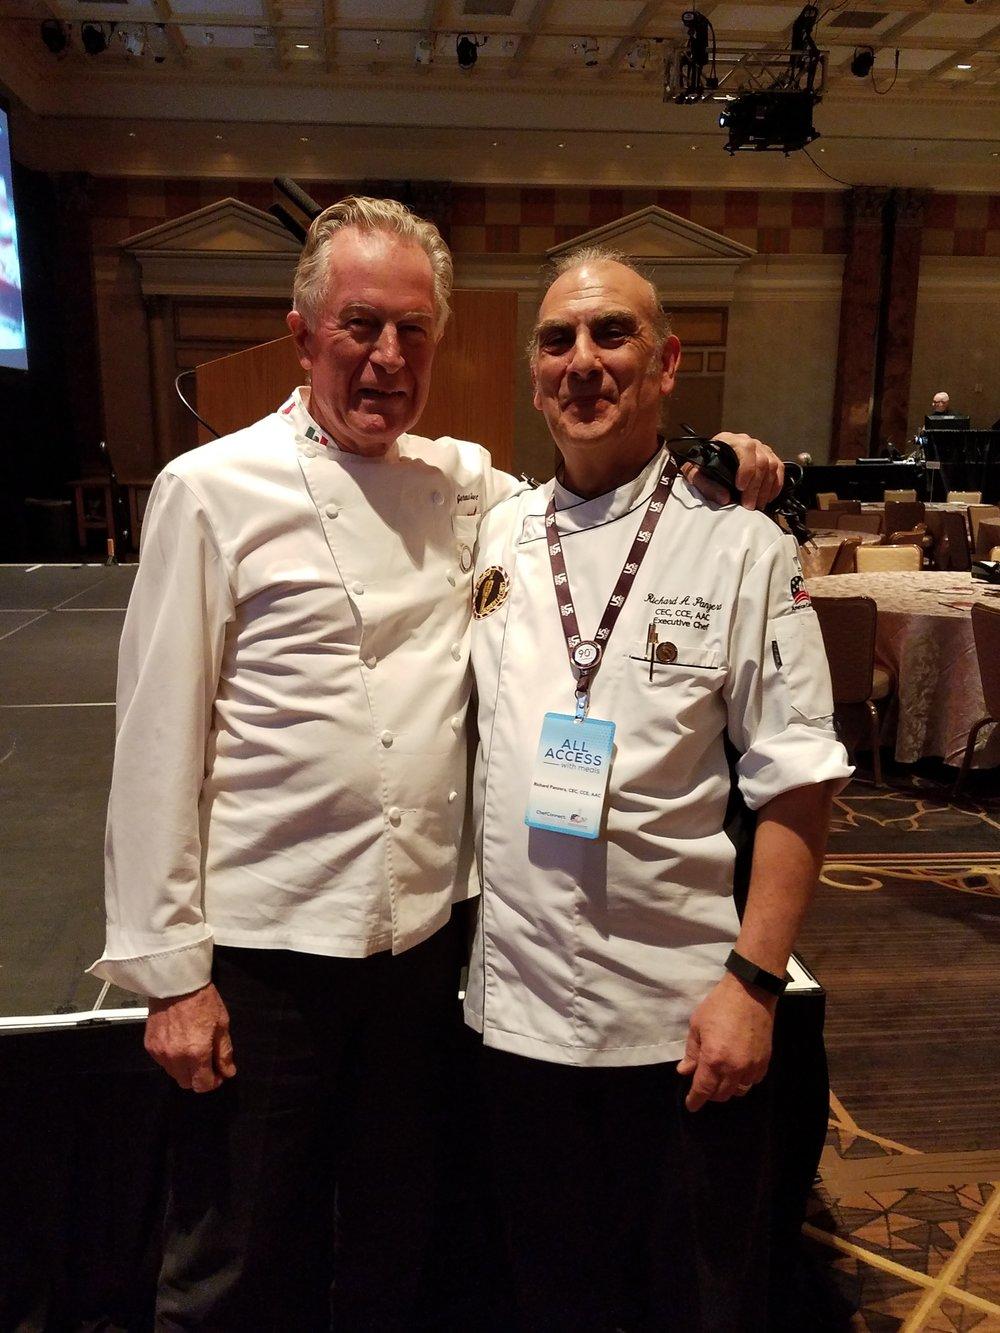 Chef Rikk Panzera with Jeremiah Tower